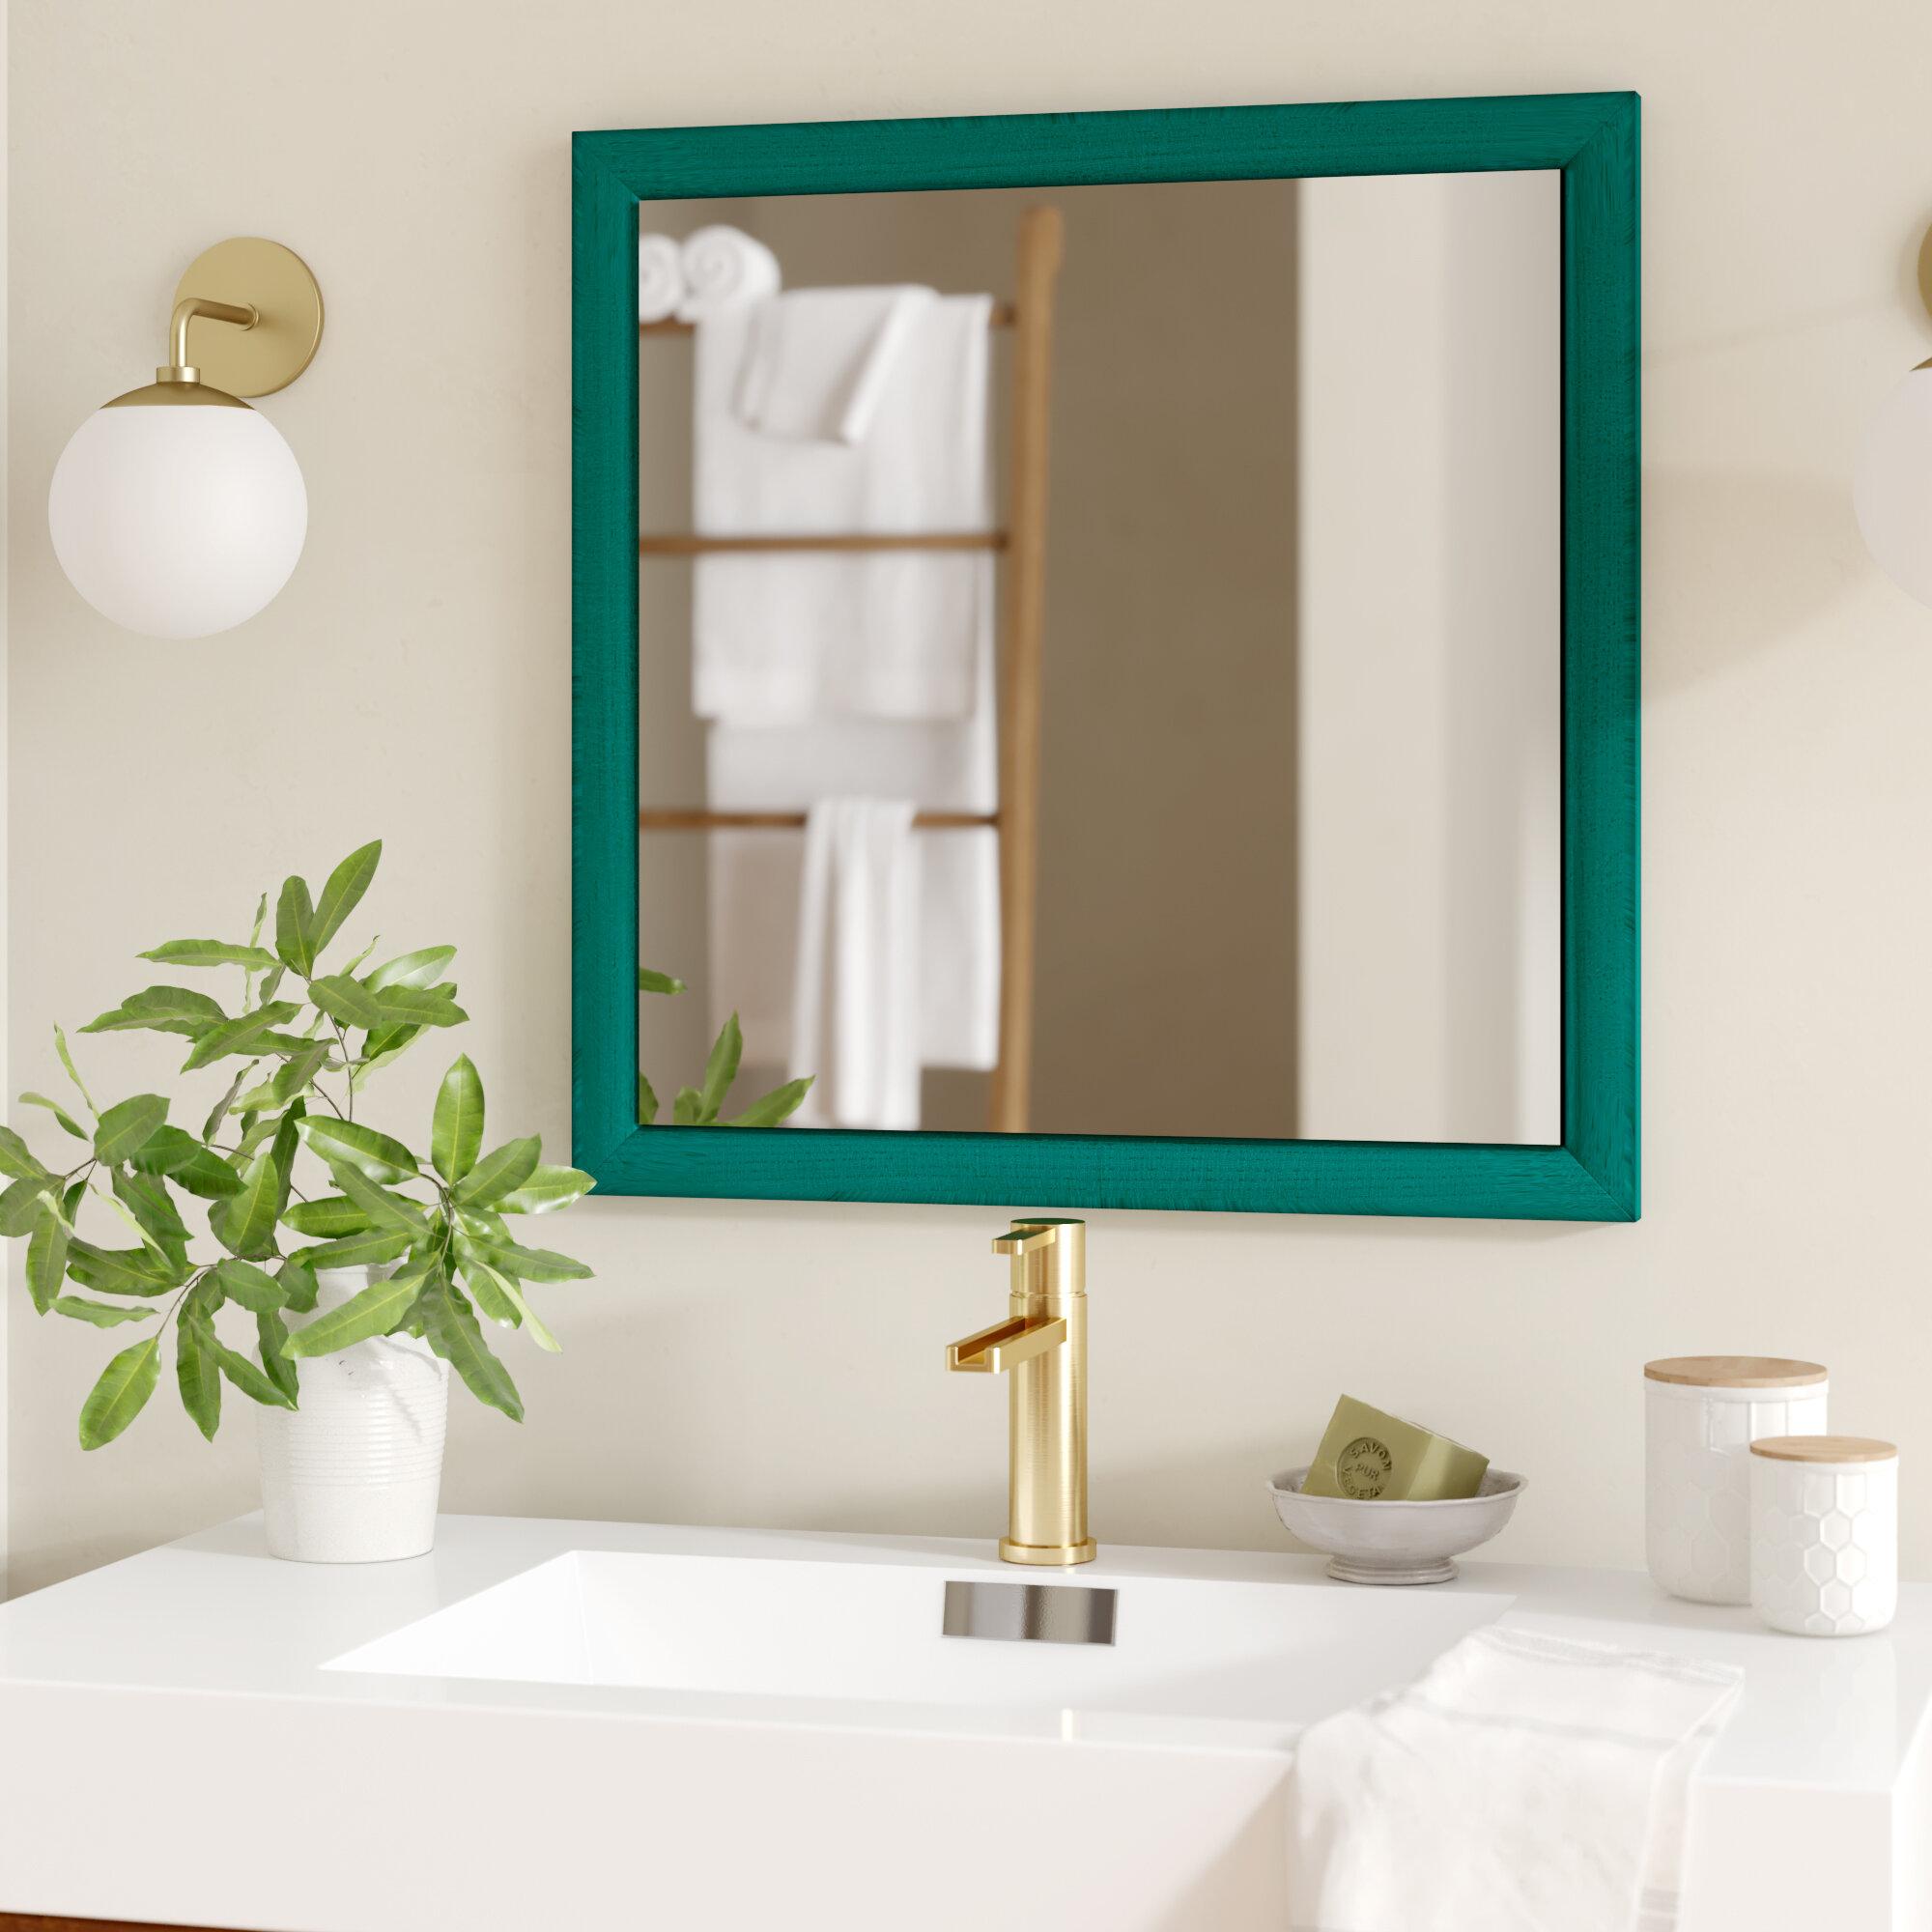 Brayden Studio Eulalie Rustic Wall Mirror Wayfair